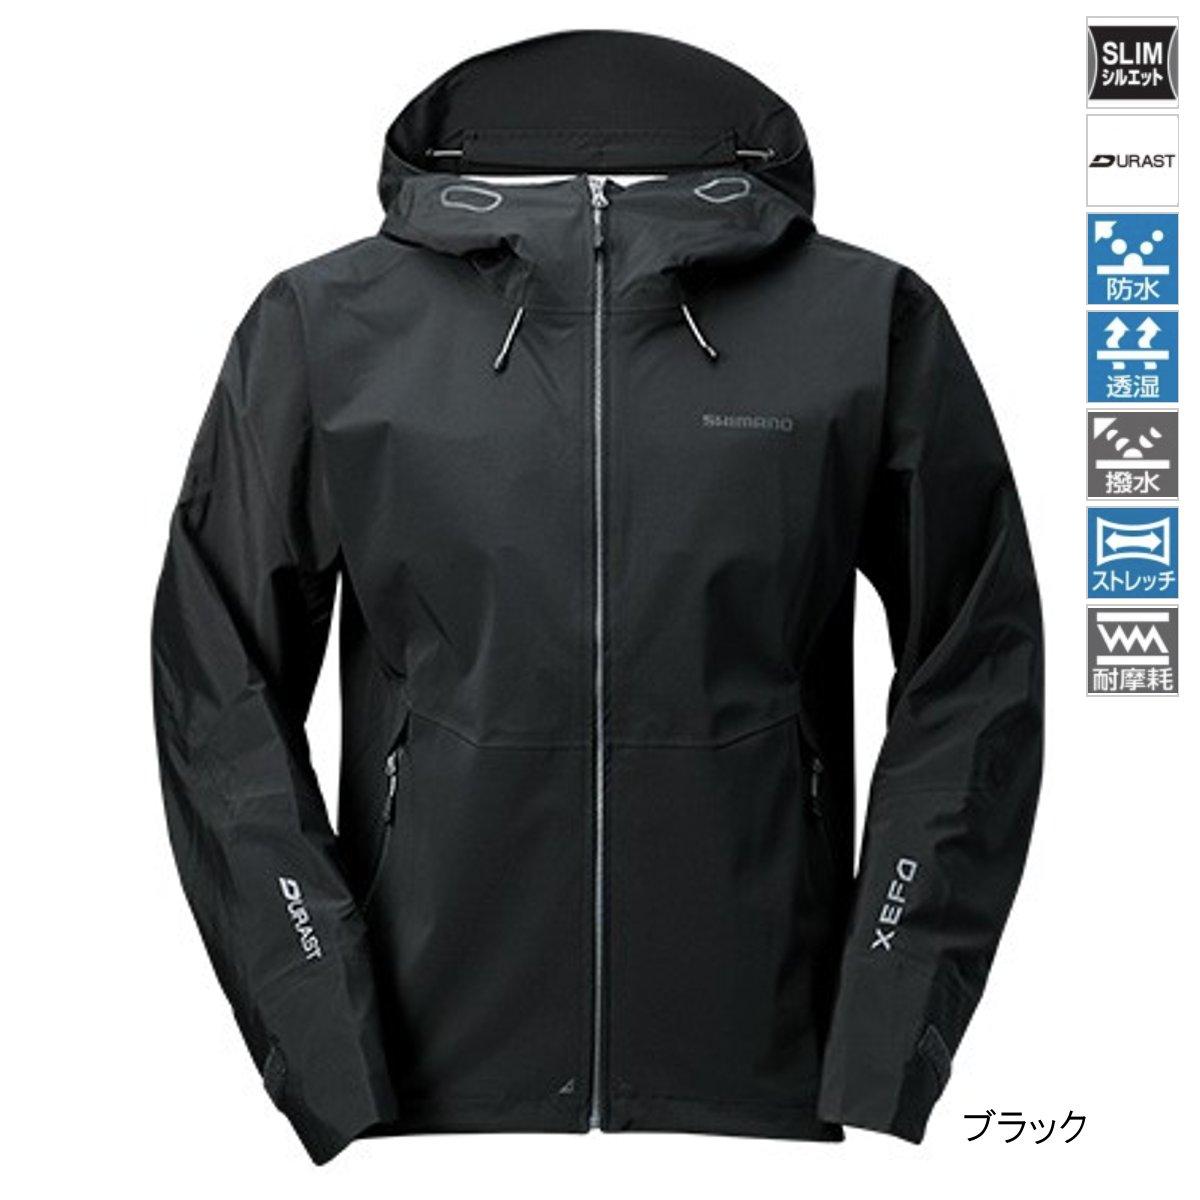 シマノ XEFO・DURAST レインジャケット RA-22JS XL ブラック【送料無料】